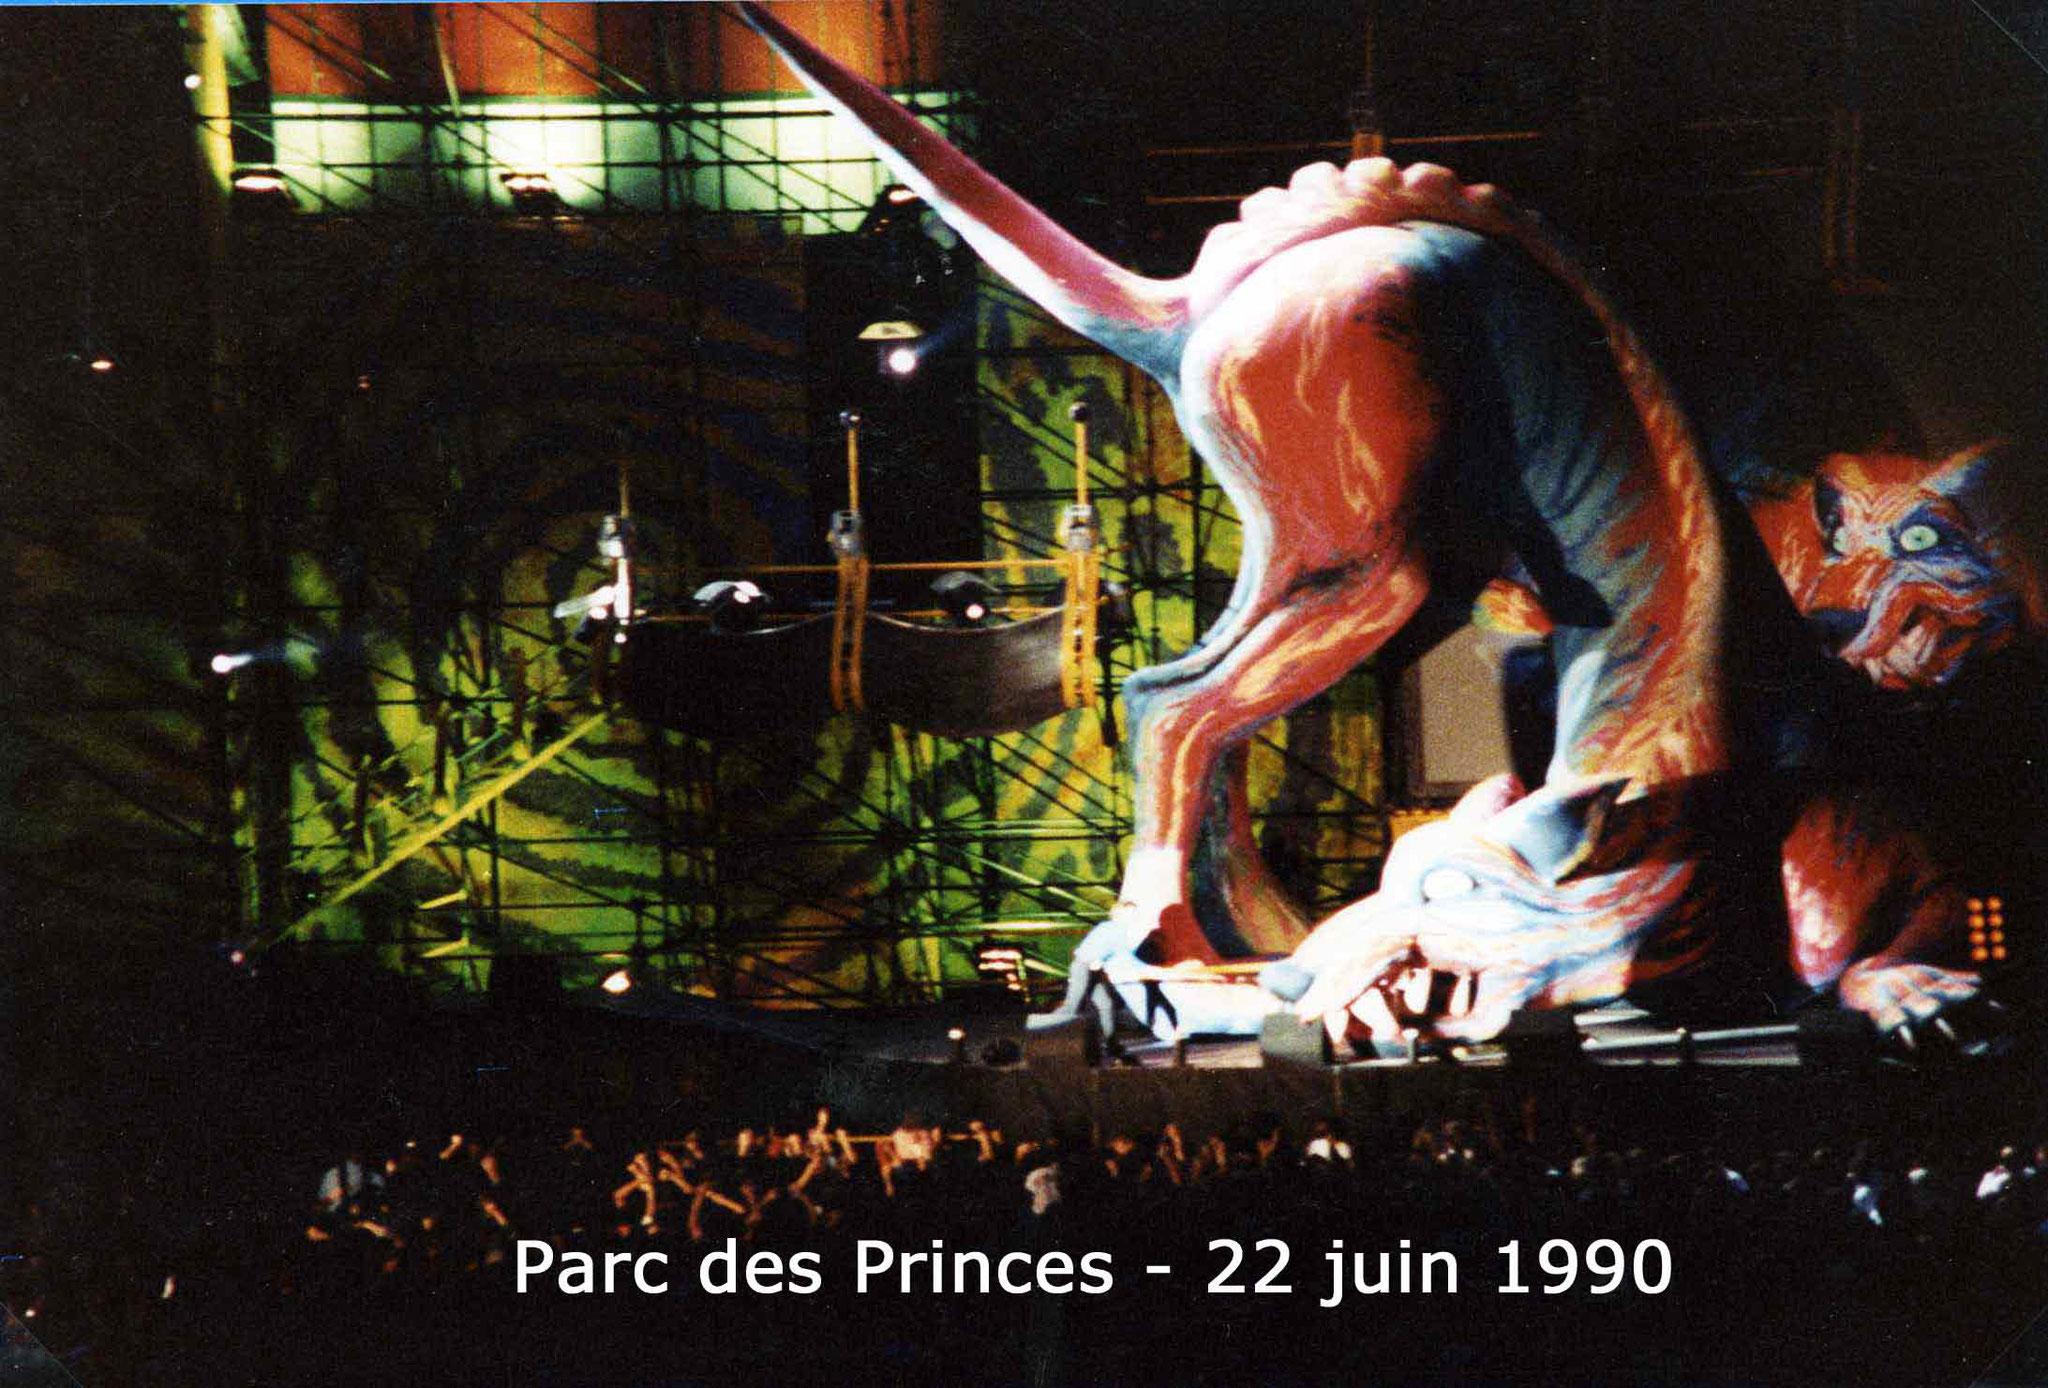 Parc des Princes 1990